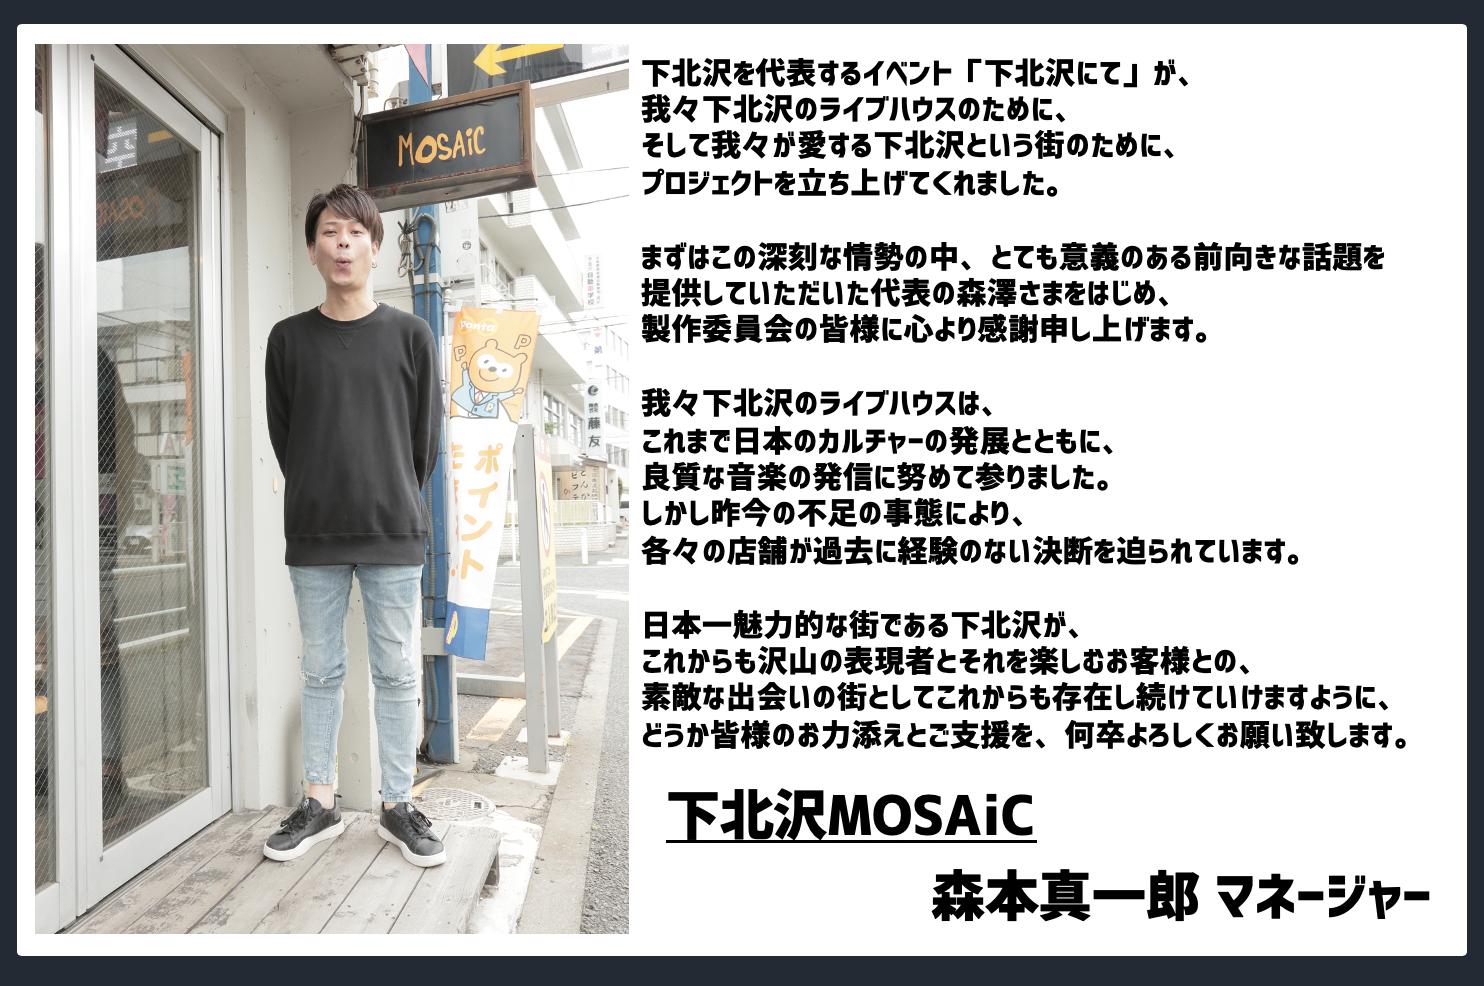 スクリーンショット_2020-05-29_20.19.47.png